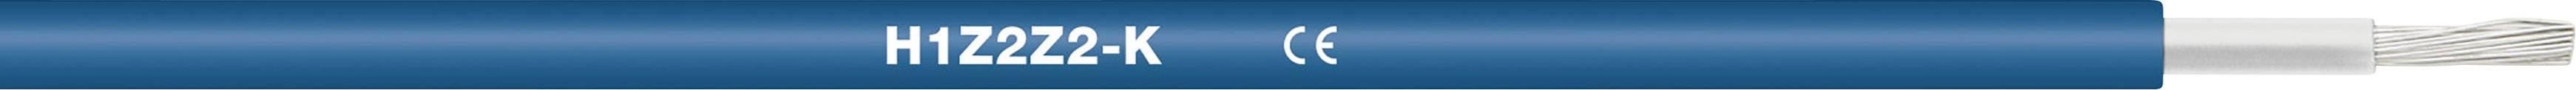 Fotovoltaický kabel H1Z2Z2-K 1 x 4 mm² modrá LappKabel 1023582/500 500 m